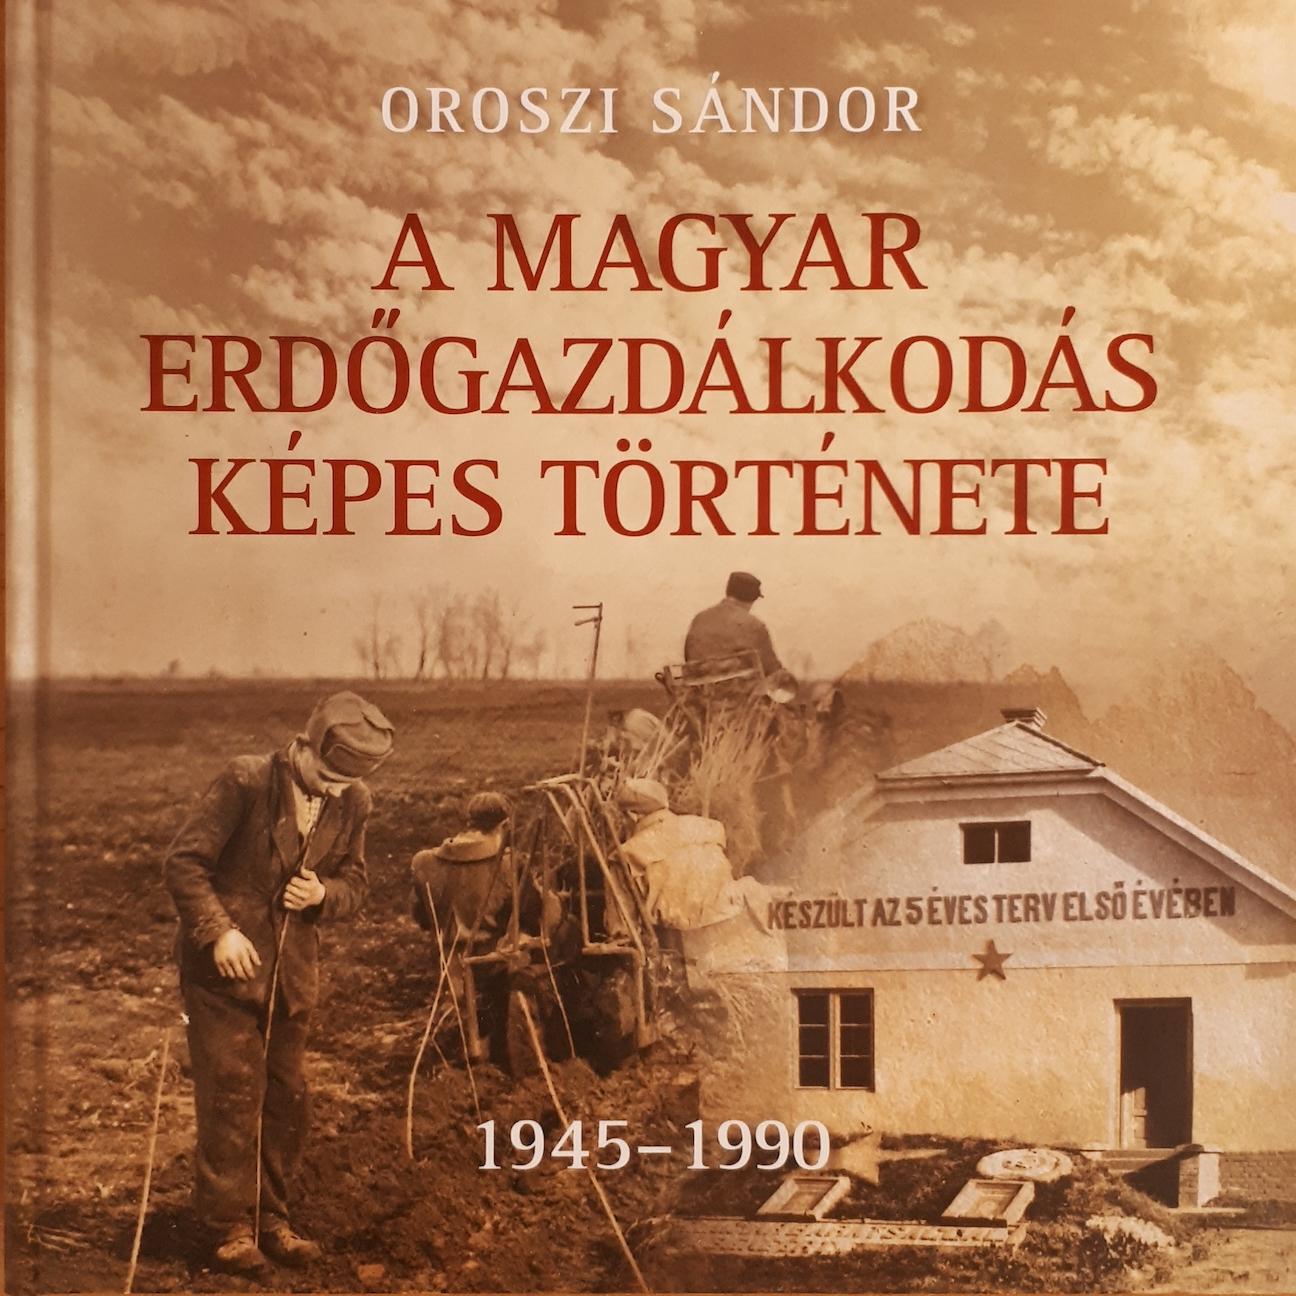 A magyar erdőgazdálkodás képes története III. kötet - 1945-1990